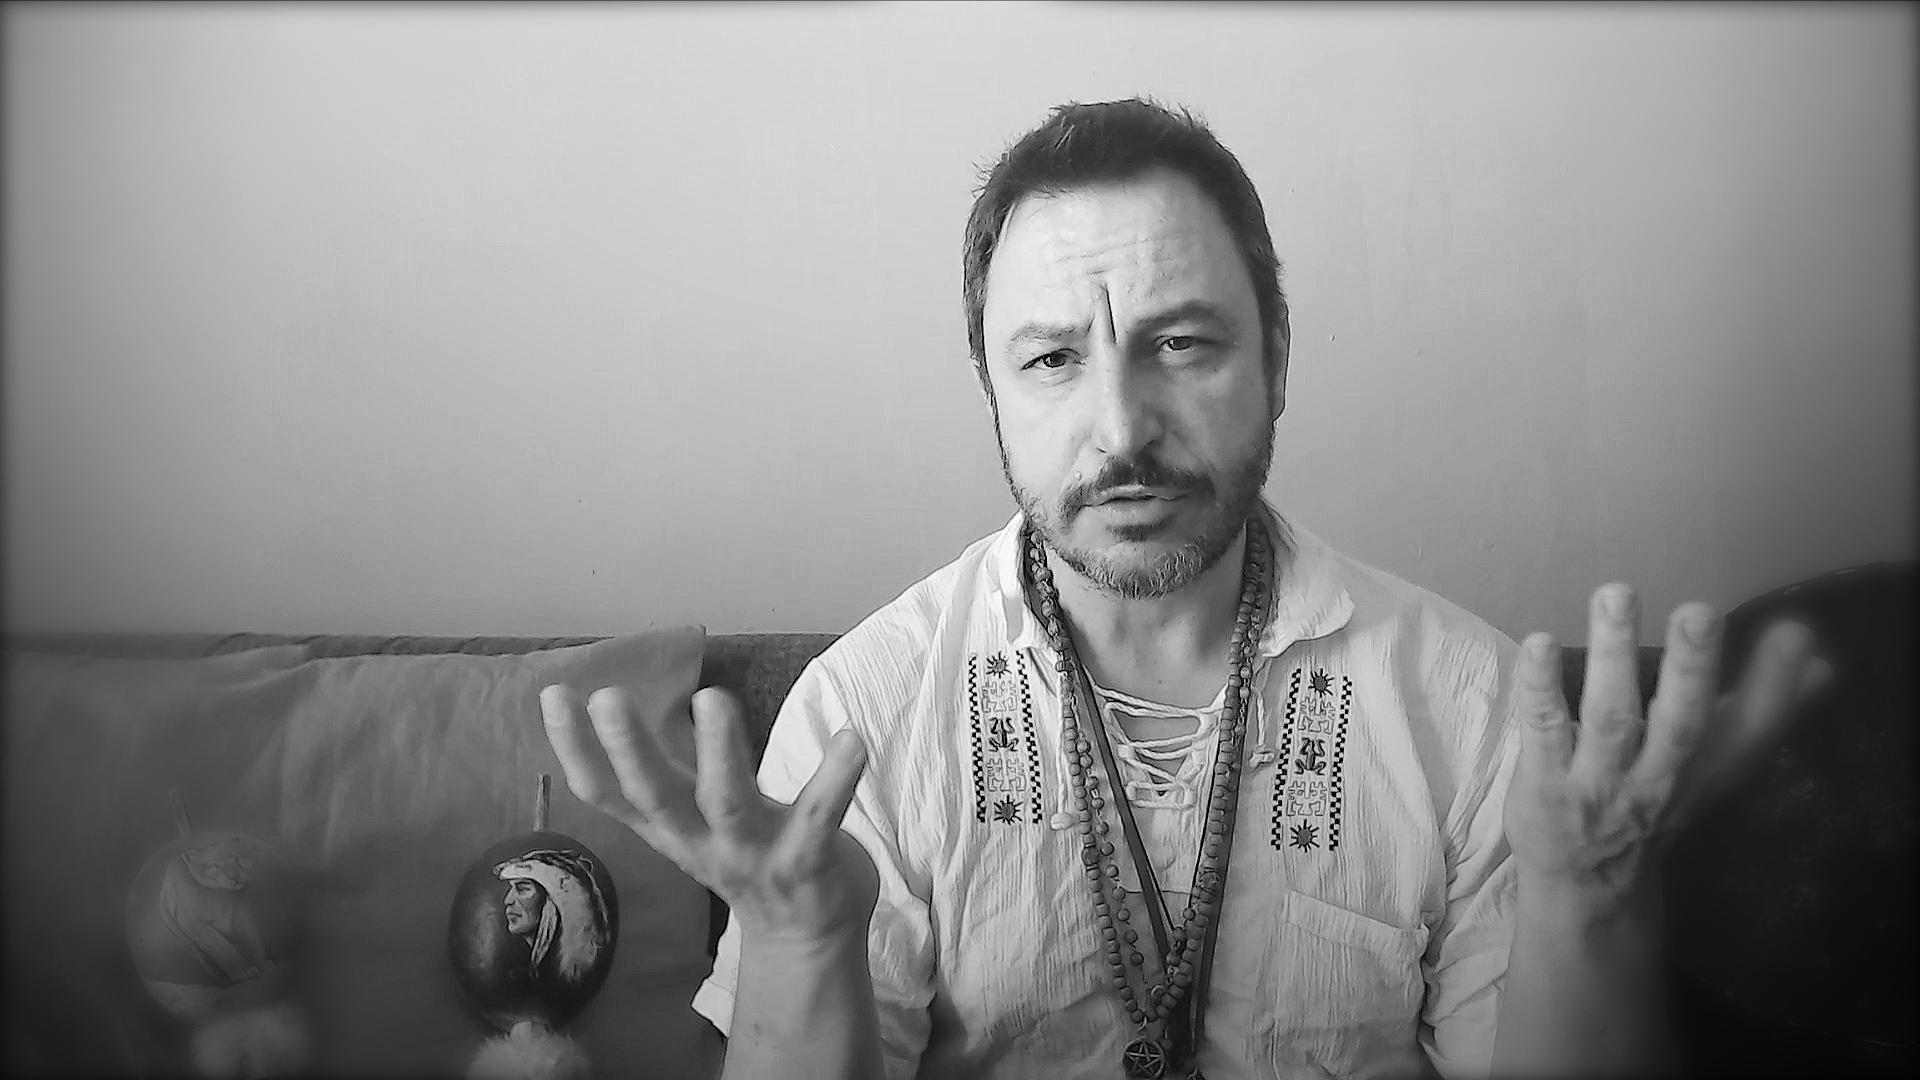 Il lavoro sciamanico ci consente di riappropriarci del potere spirituale